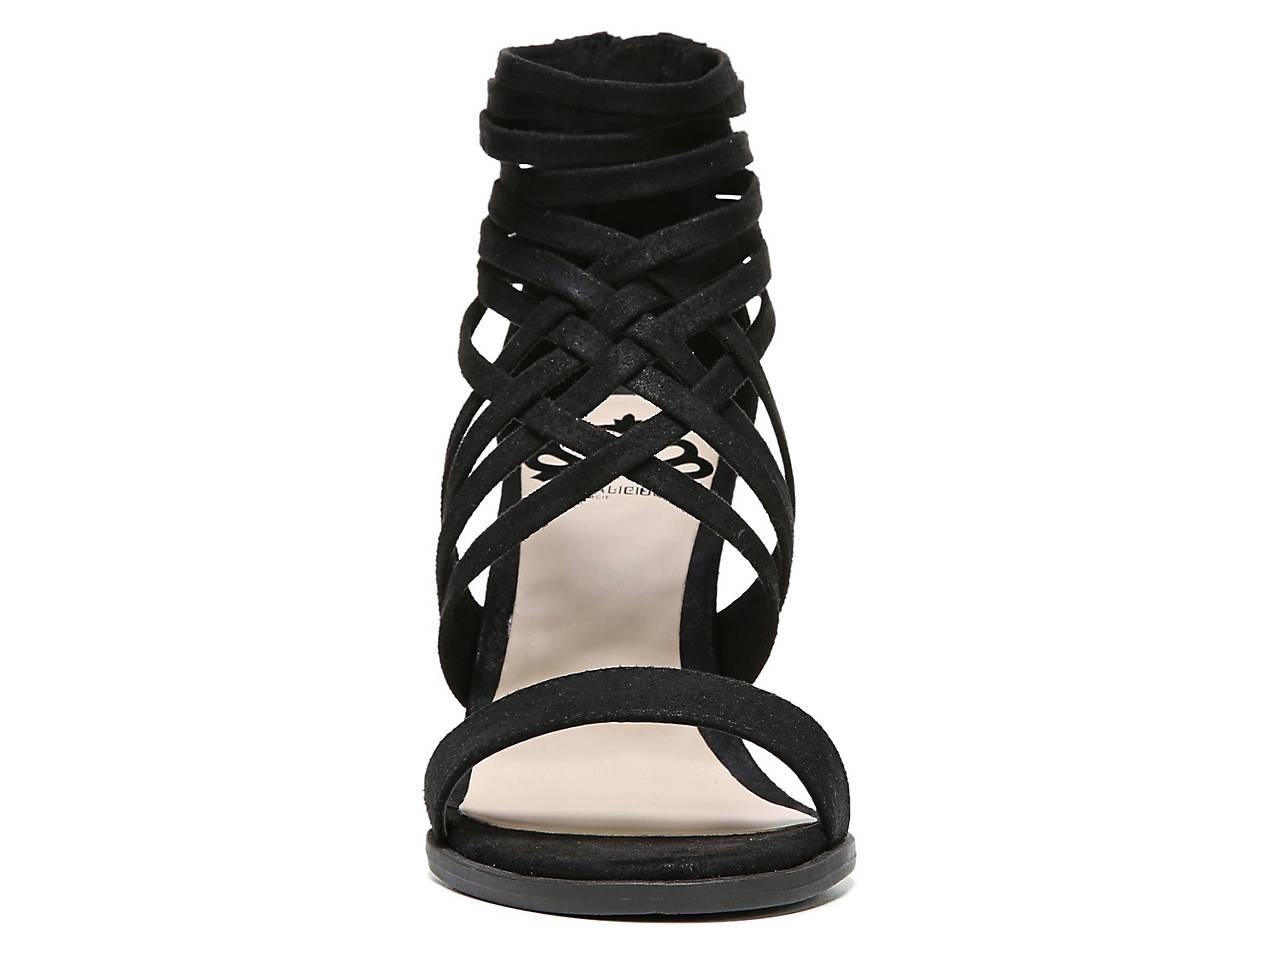 a16124d654 Fergalicious Hunter Wedge Sandal Women's Shoes | DSW